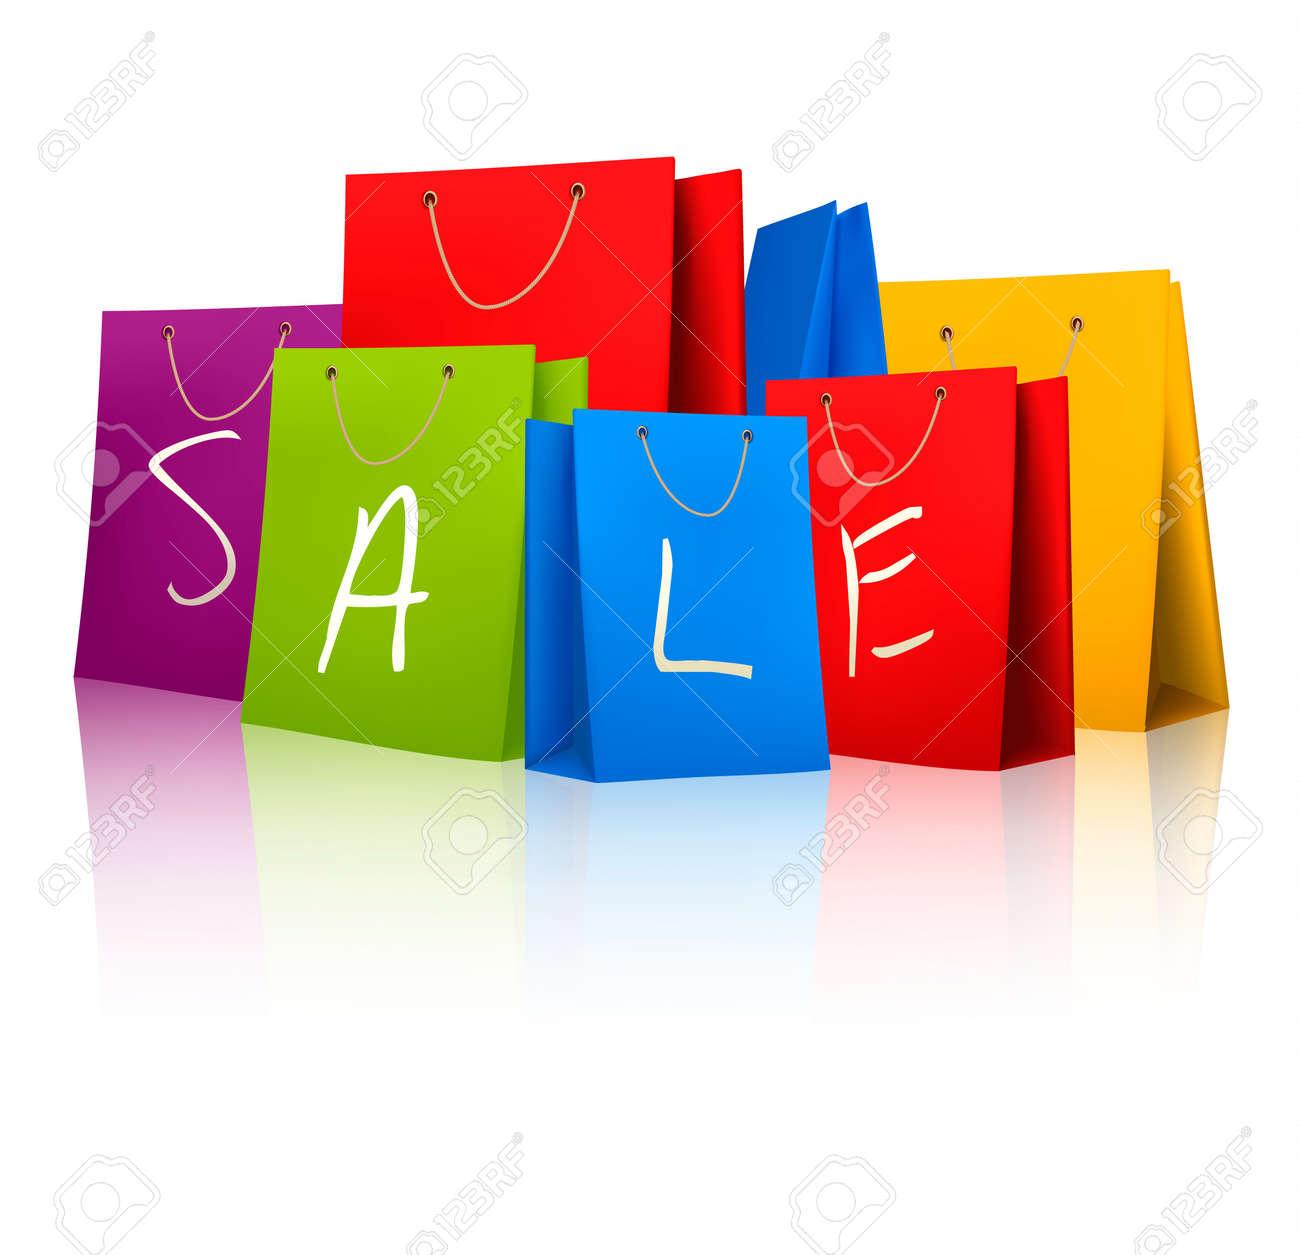 bc95be5388 Foto de archivo - Venta de bolsas de compras. Concepto de descuento.  Ilustración vectorial